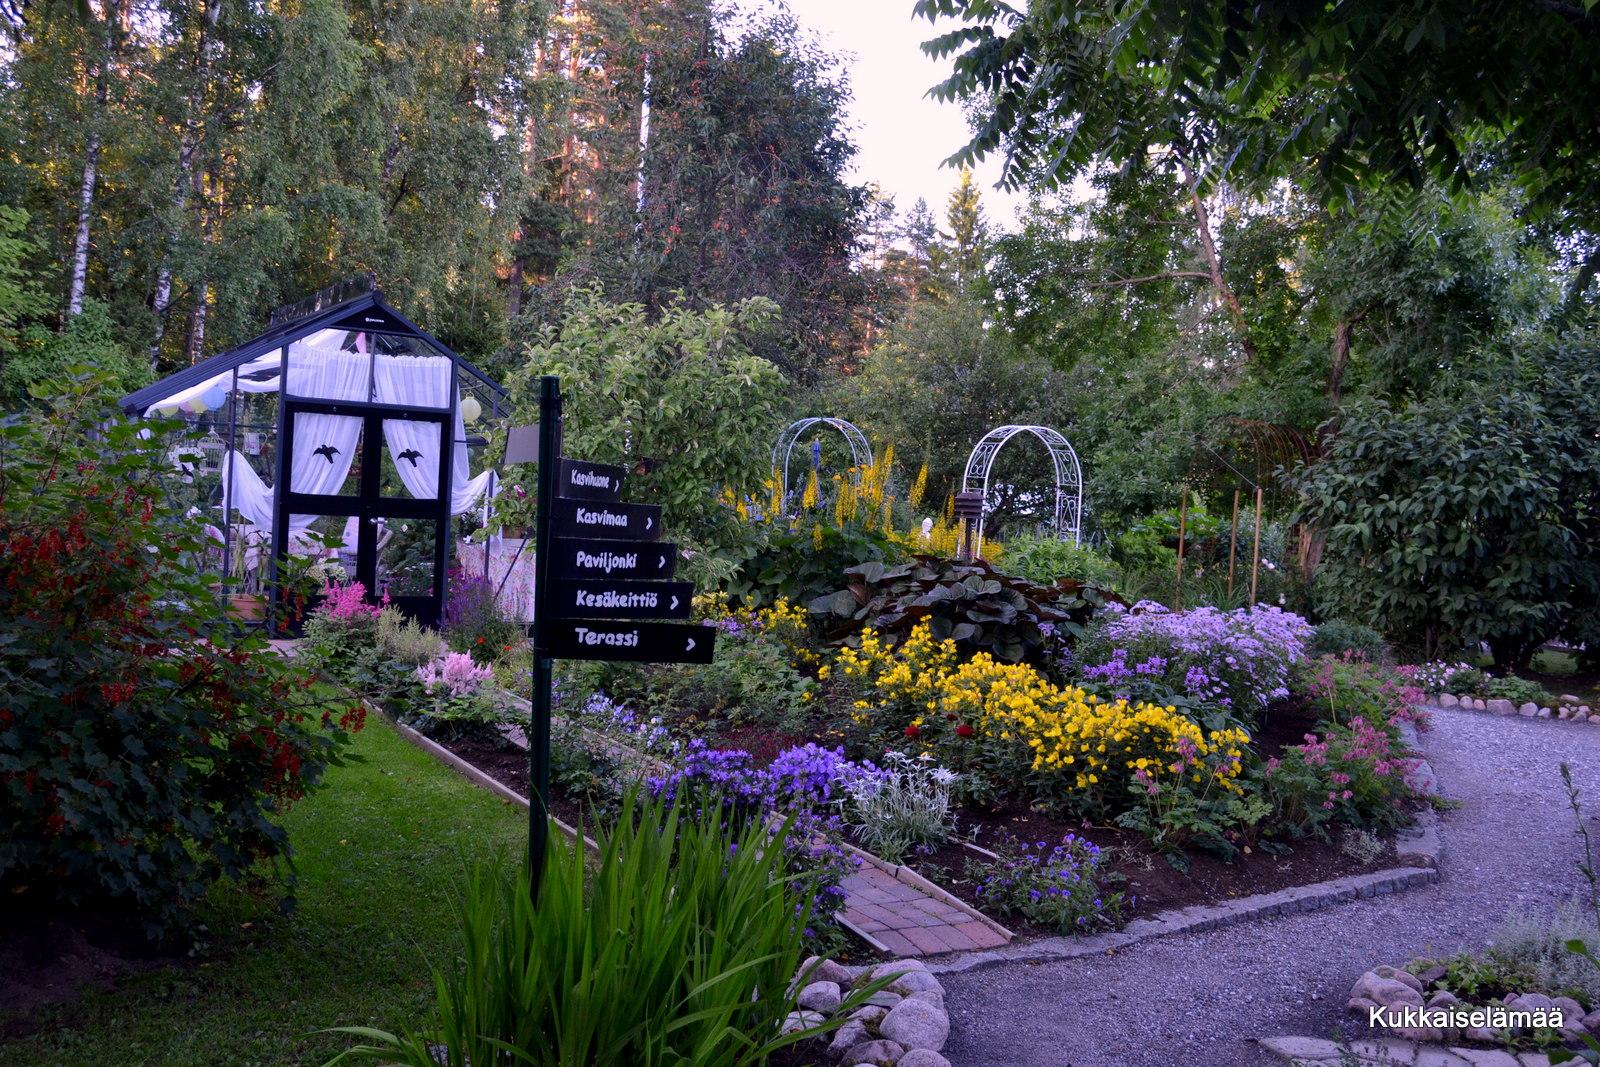 Muutoksia vuosien varrella – Changes in our garden